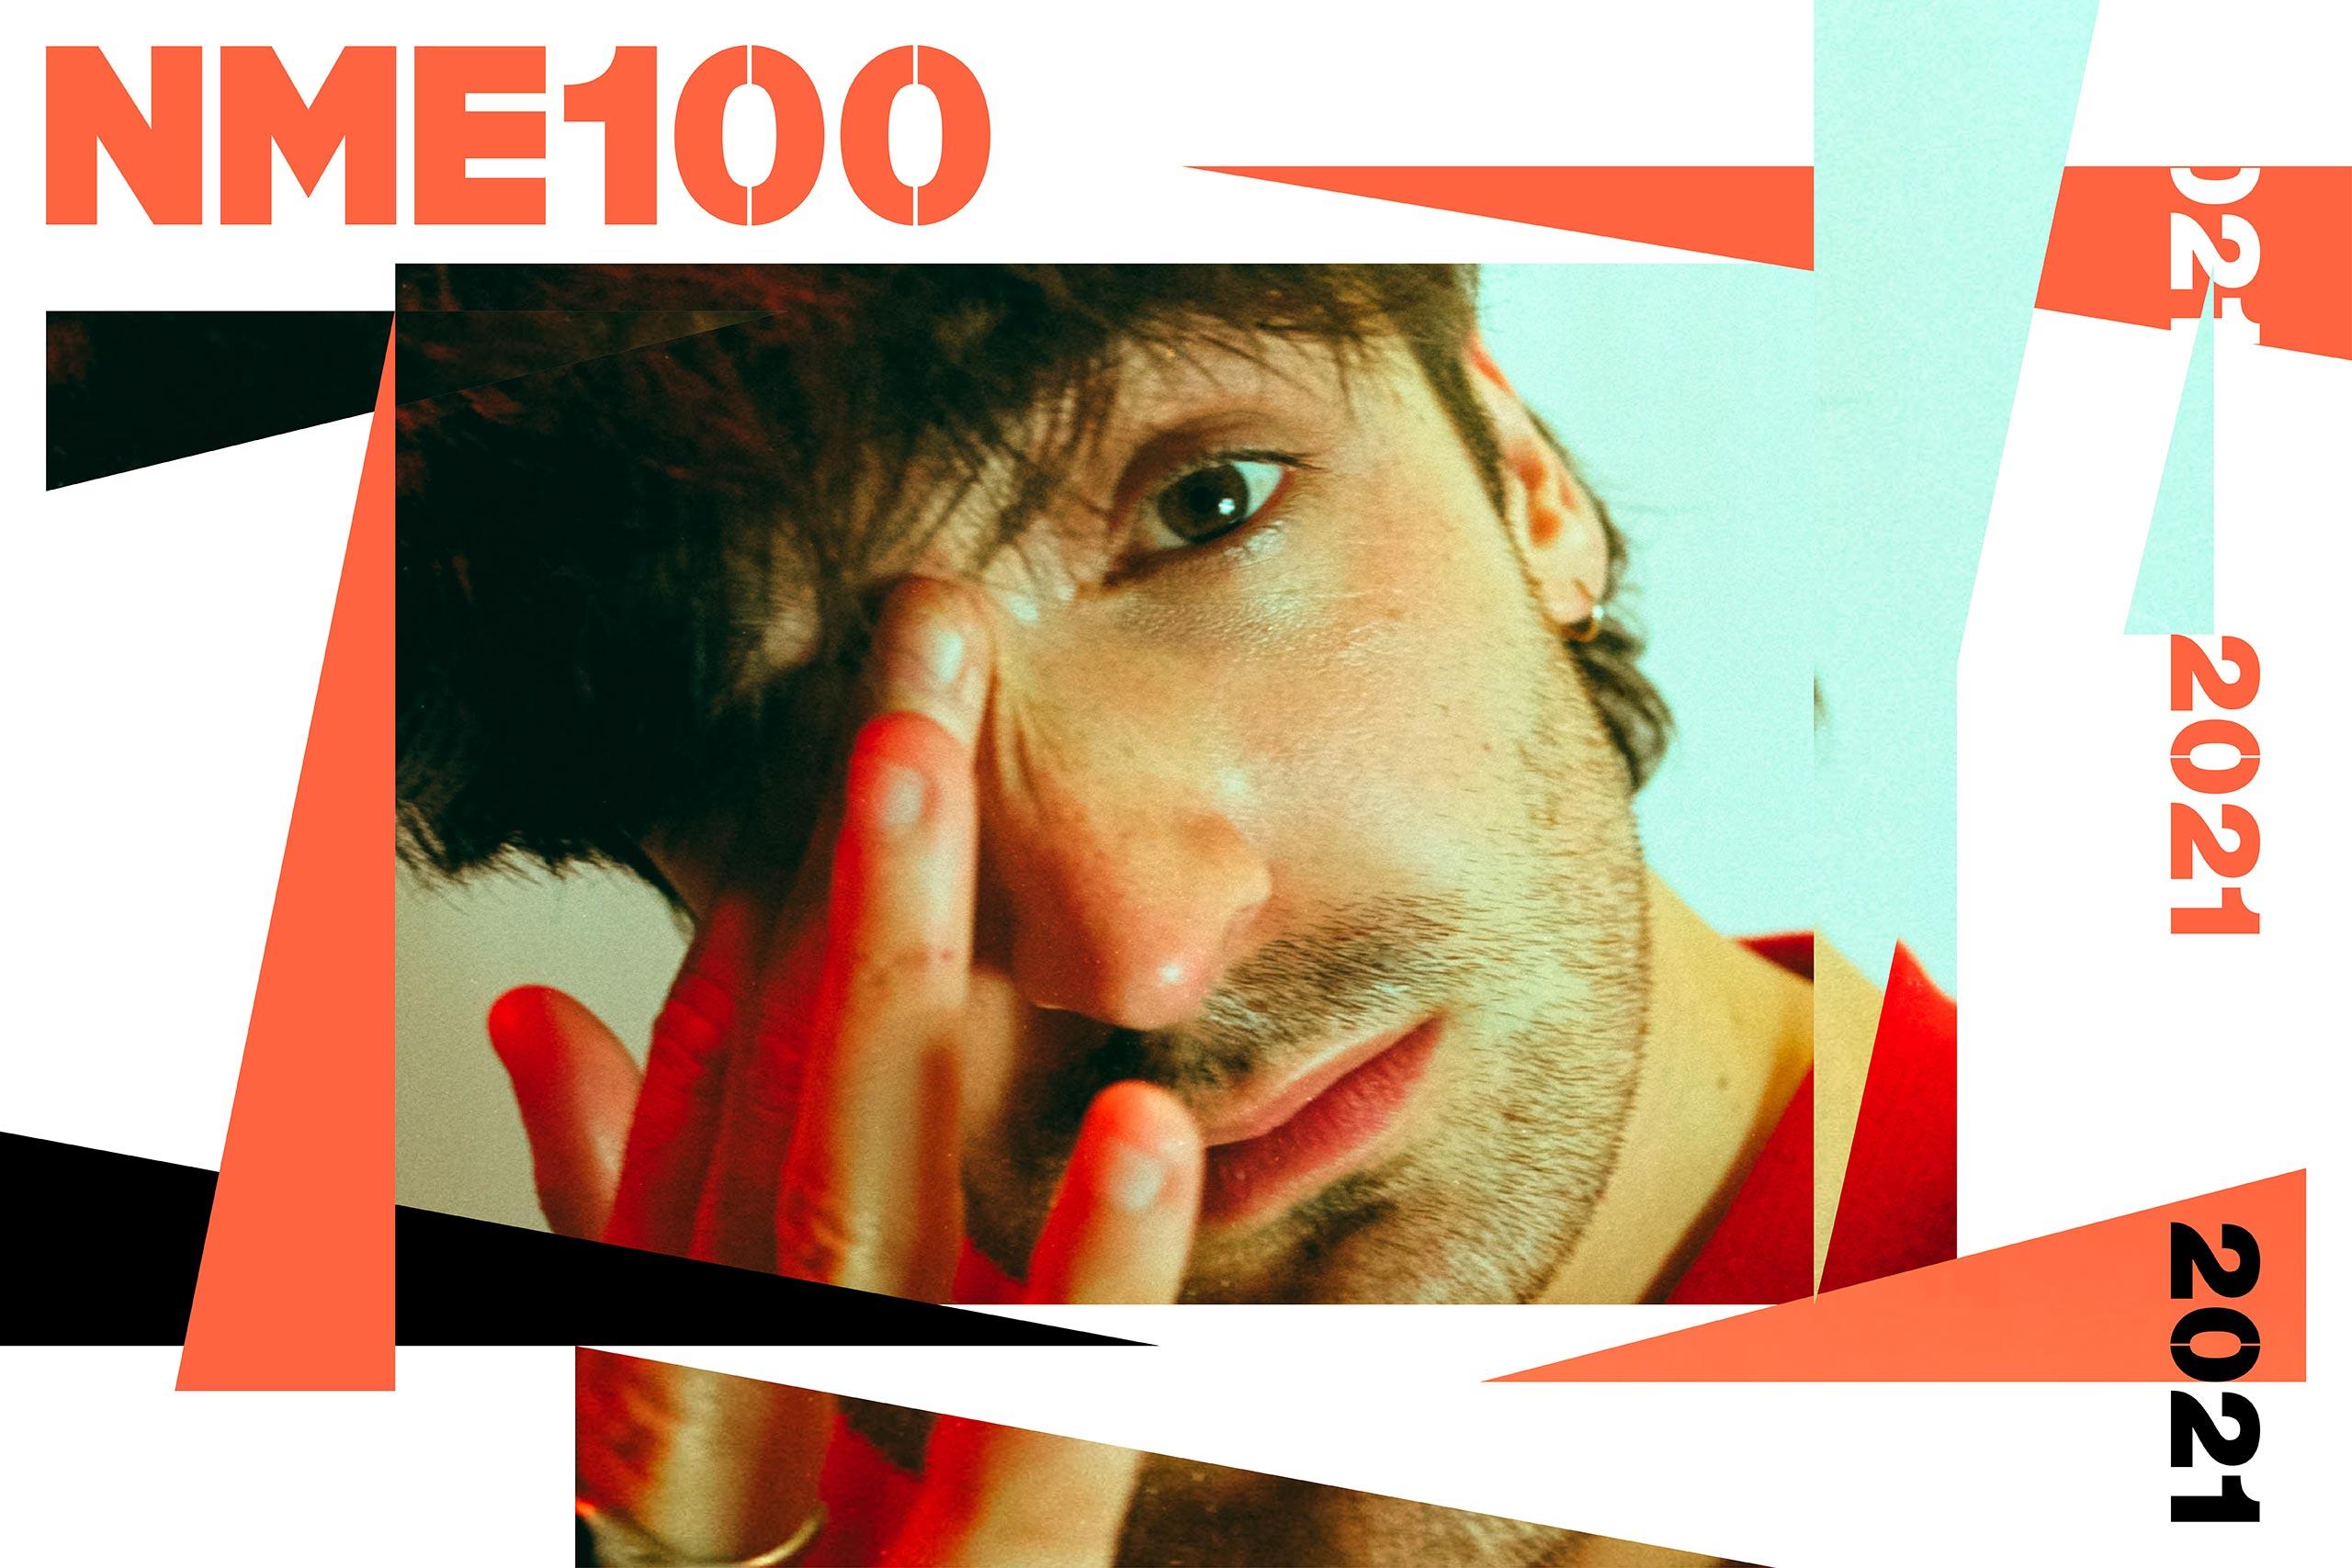 NME 100 cj pandit